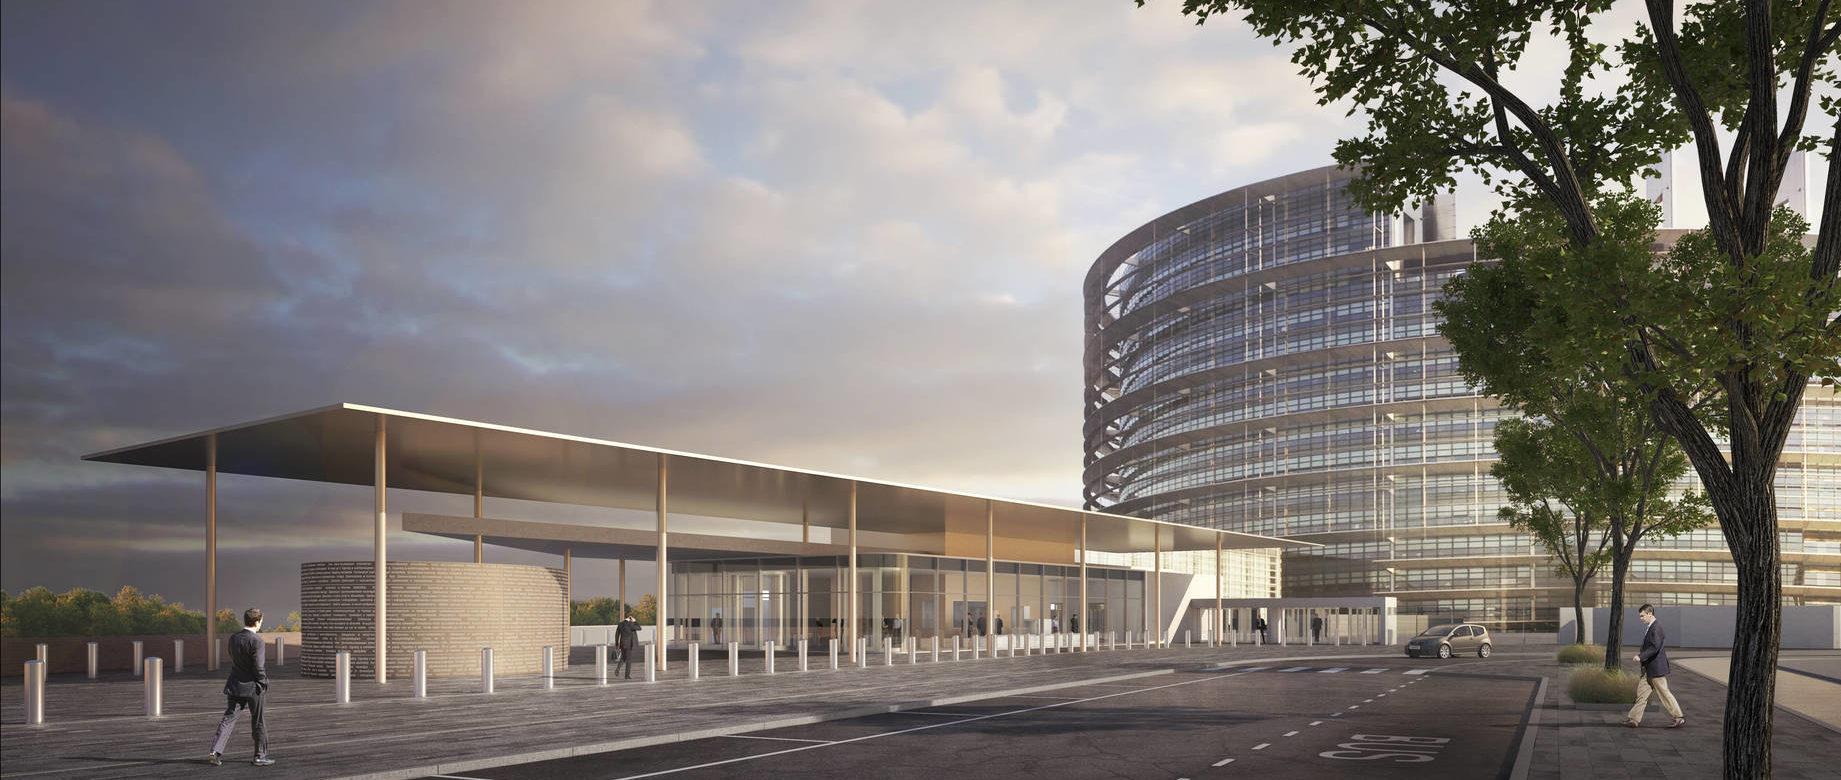 entrée bâtiment louise weiss – parlement européen